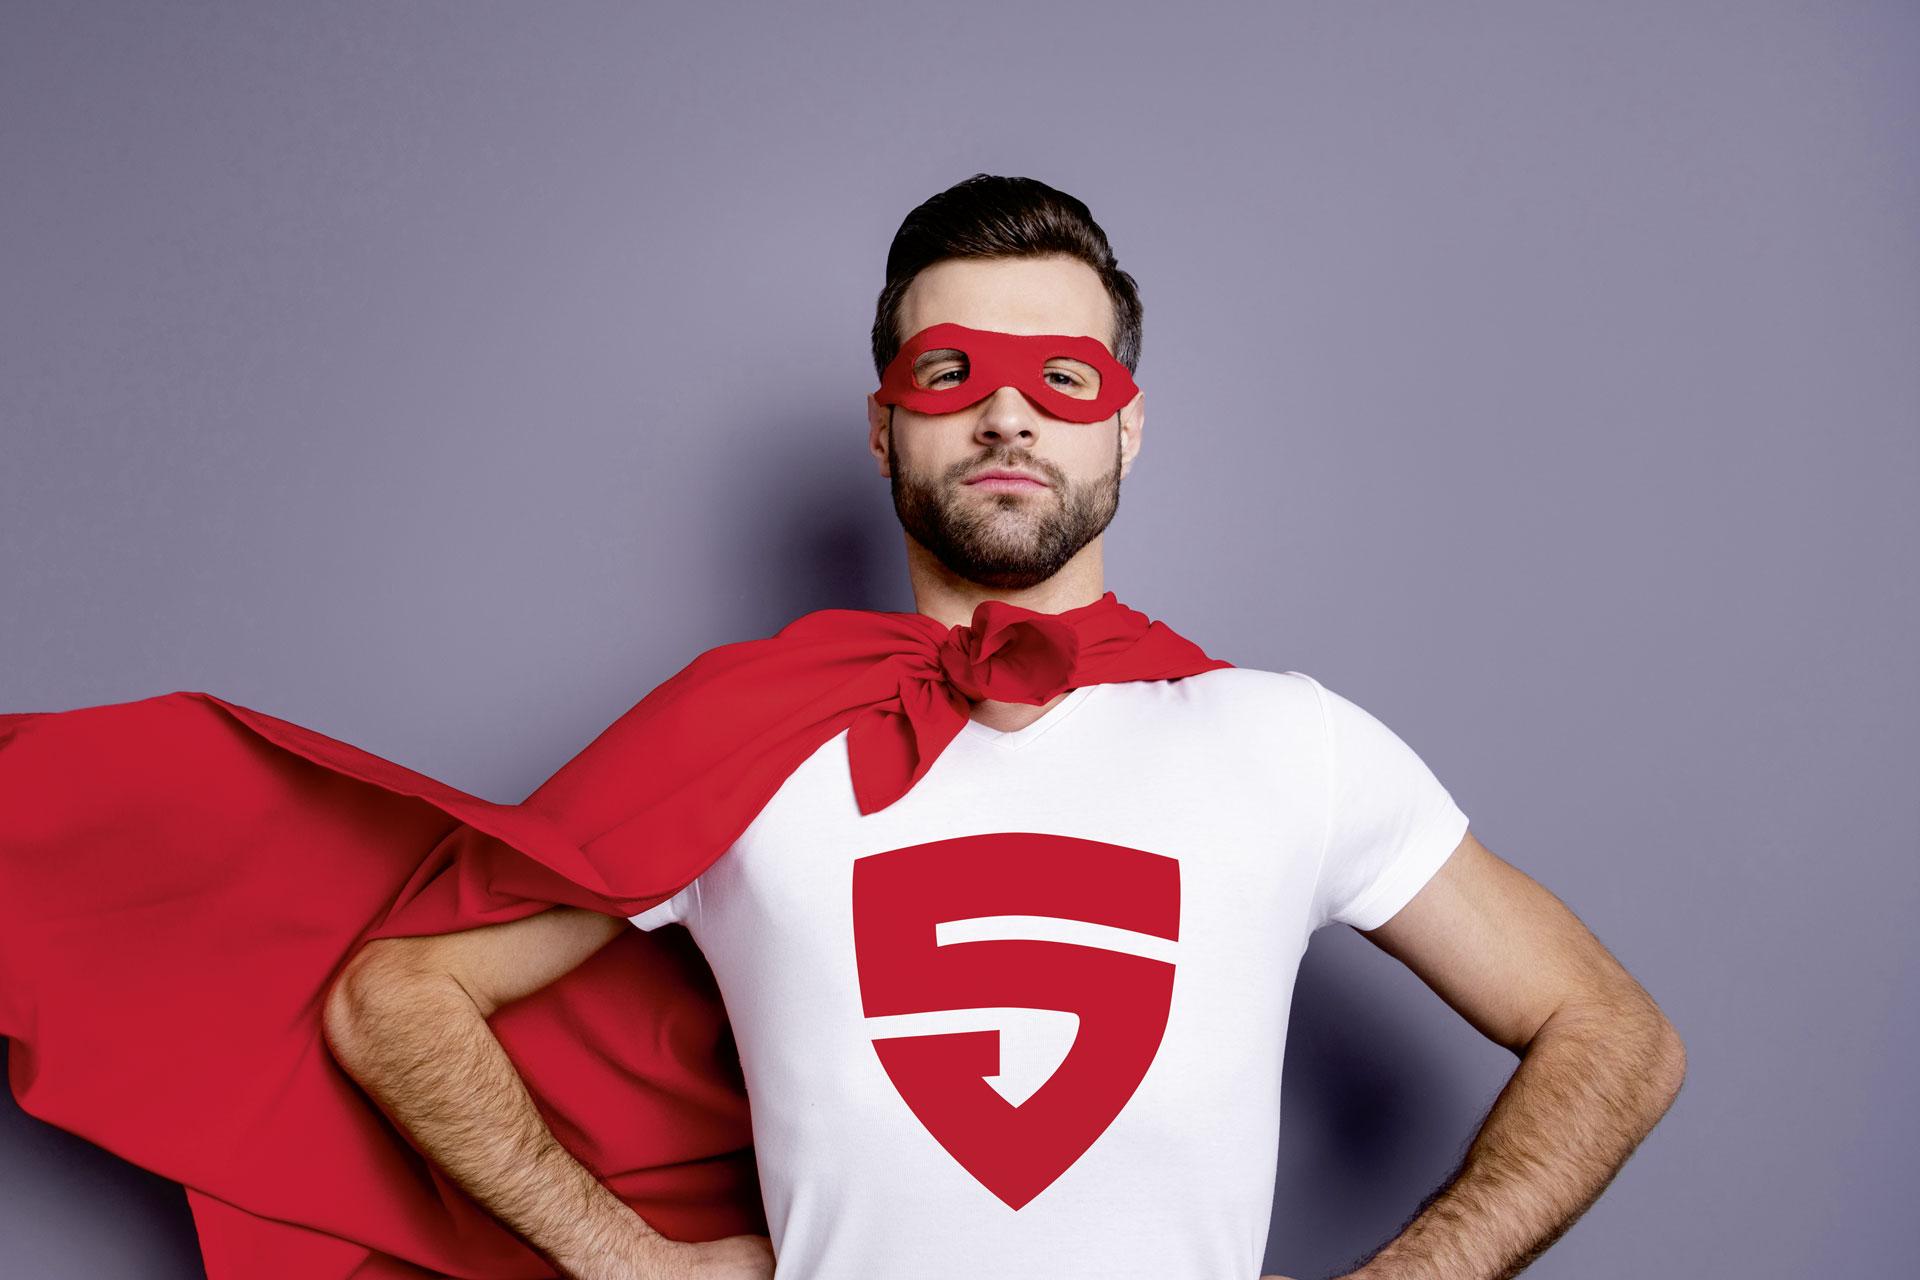 Superheld mit Cape